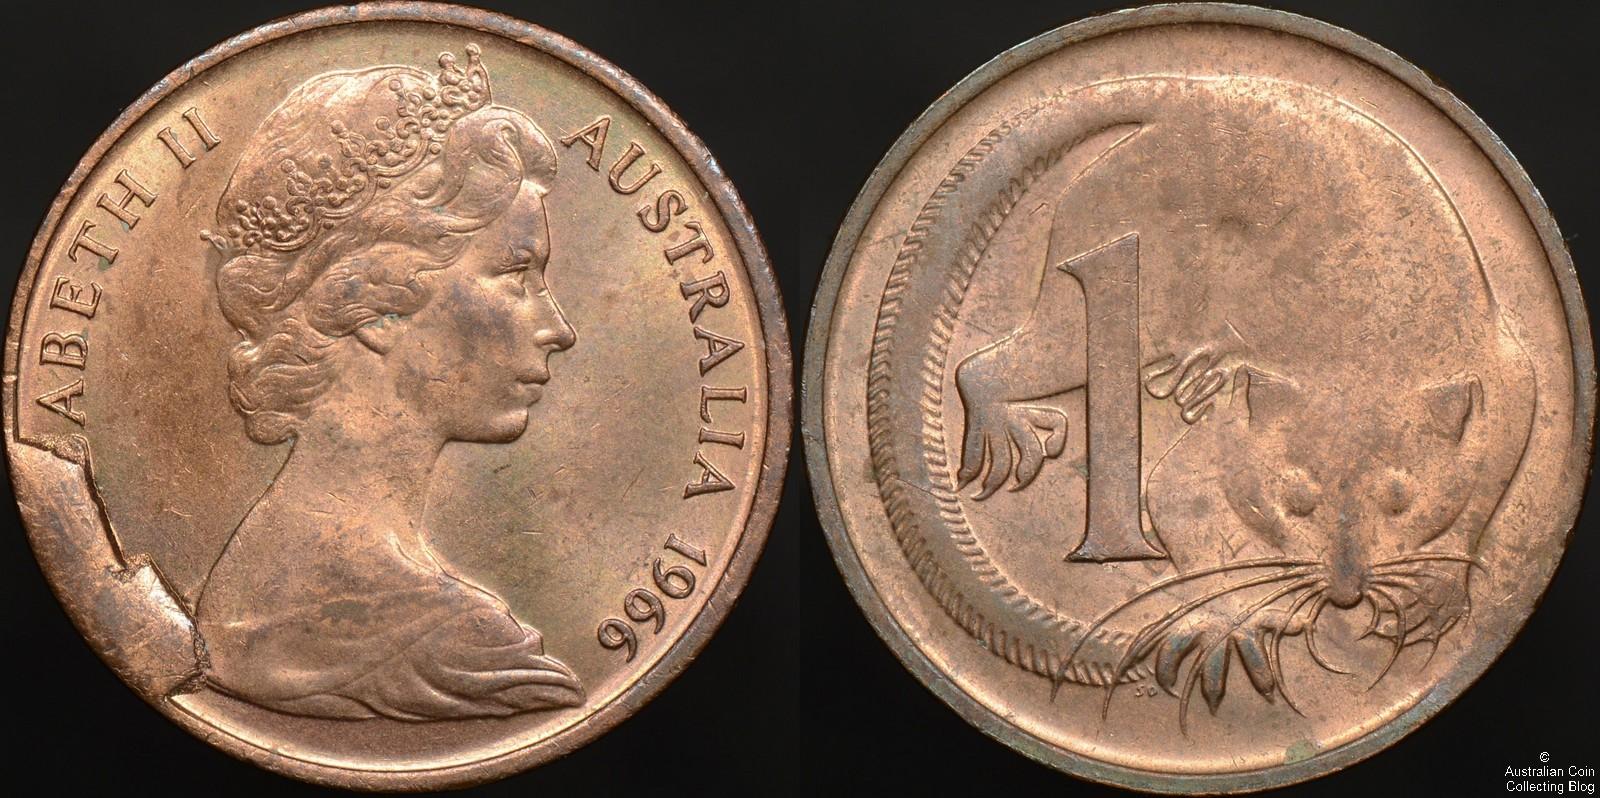 Australia 1966 1 Cent Cud